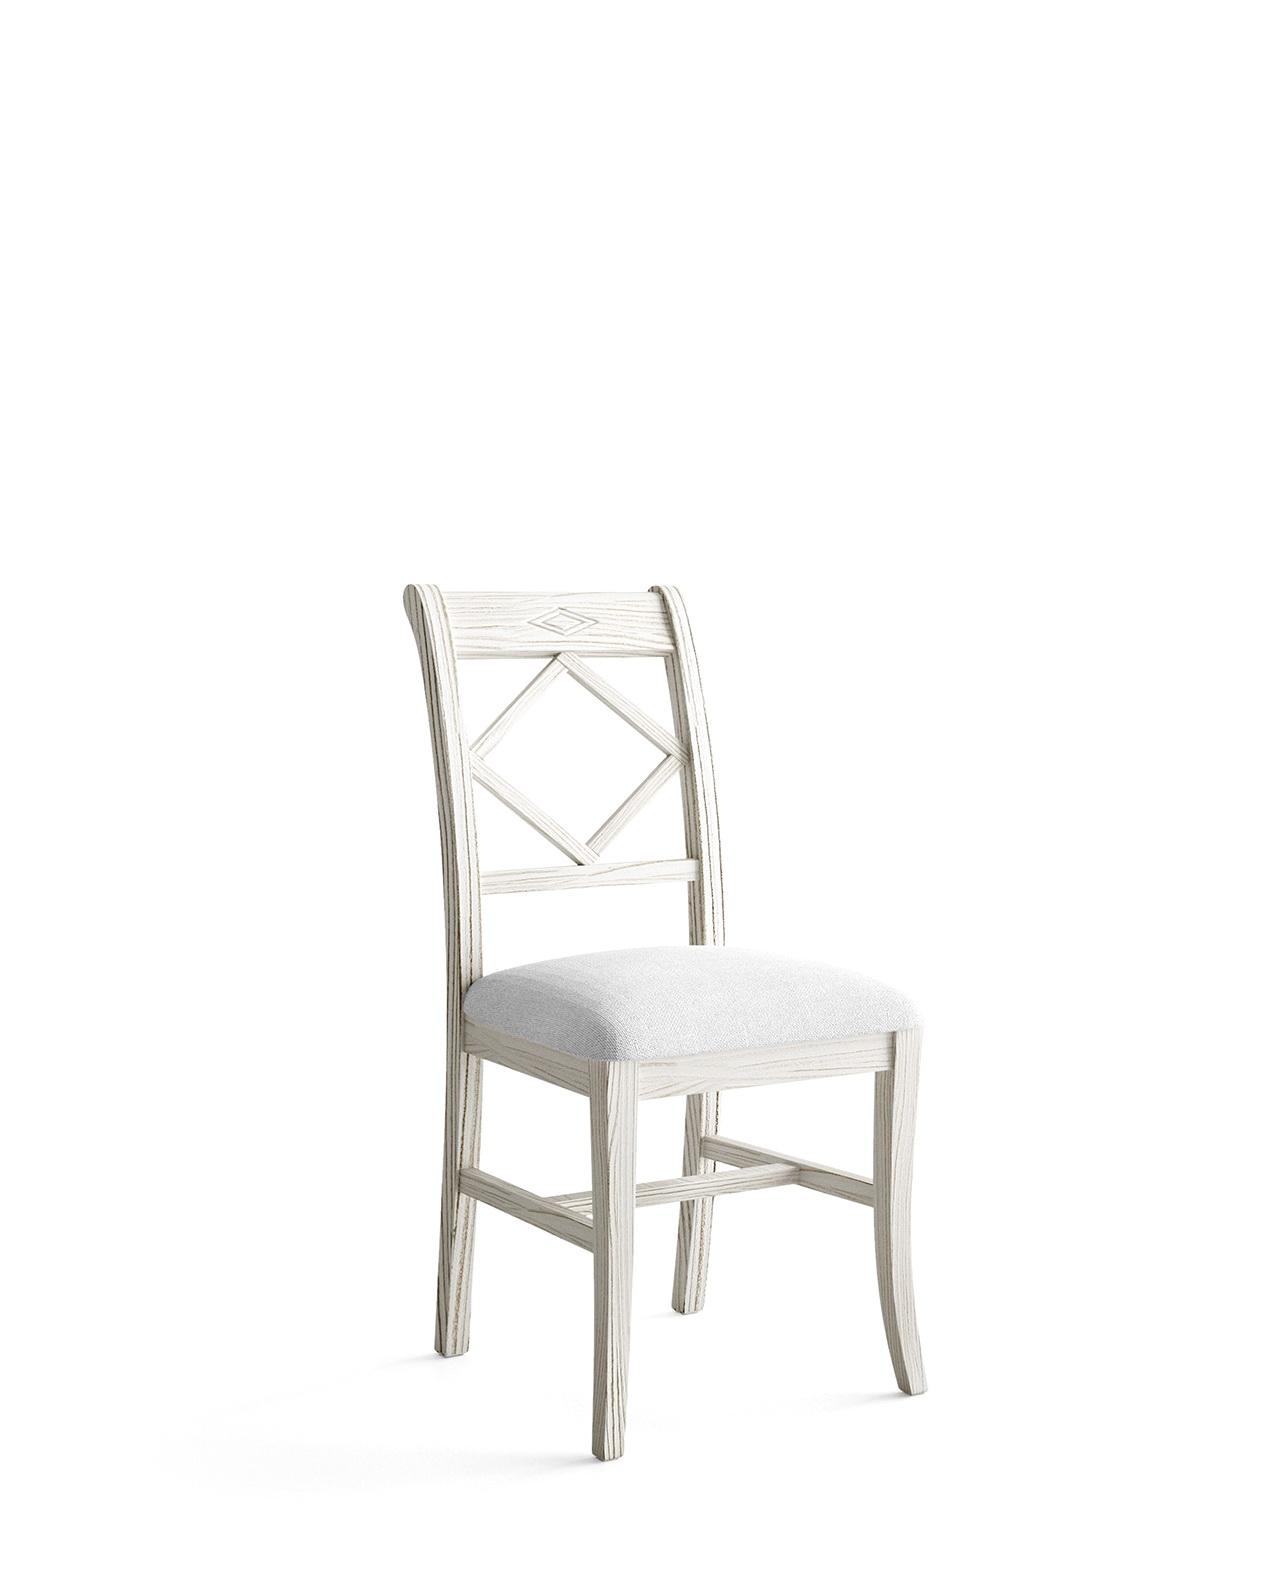 Sillas comedor madera arenada by grupo seys muebles anto n for Casa seys muebles